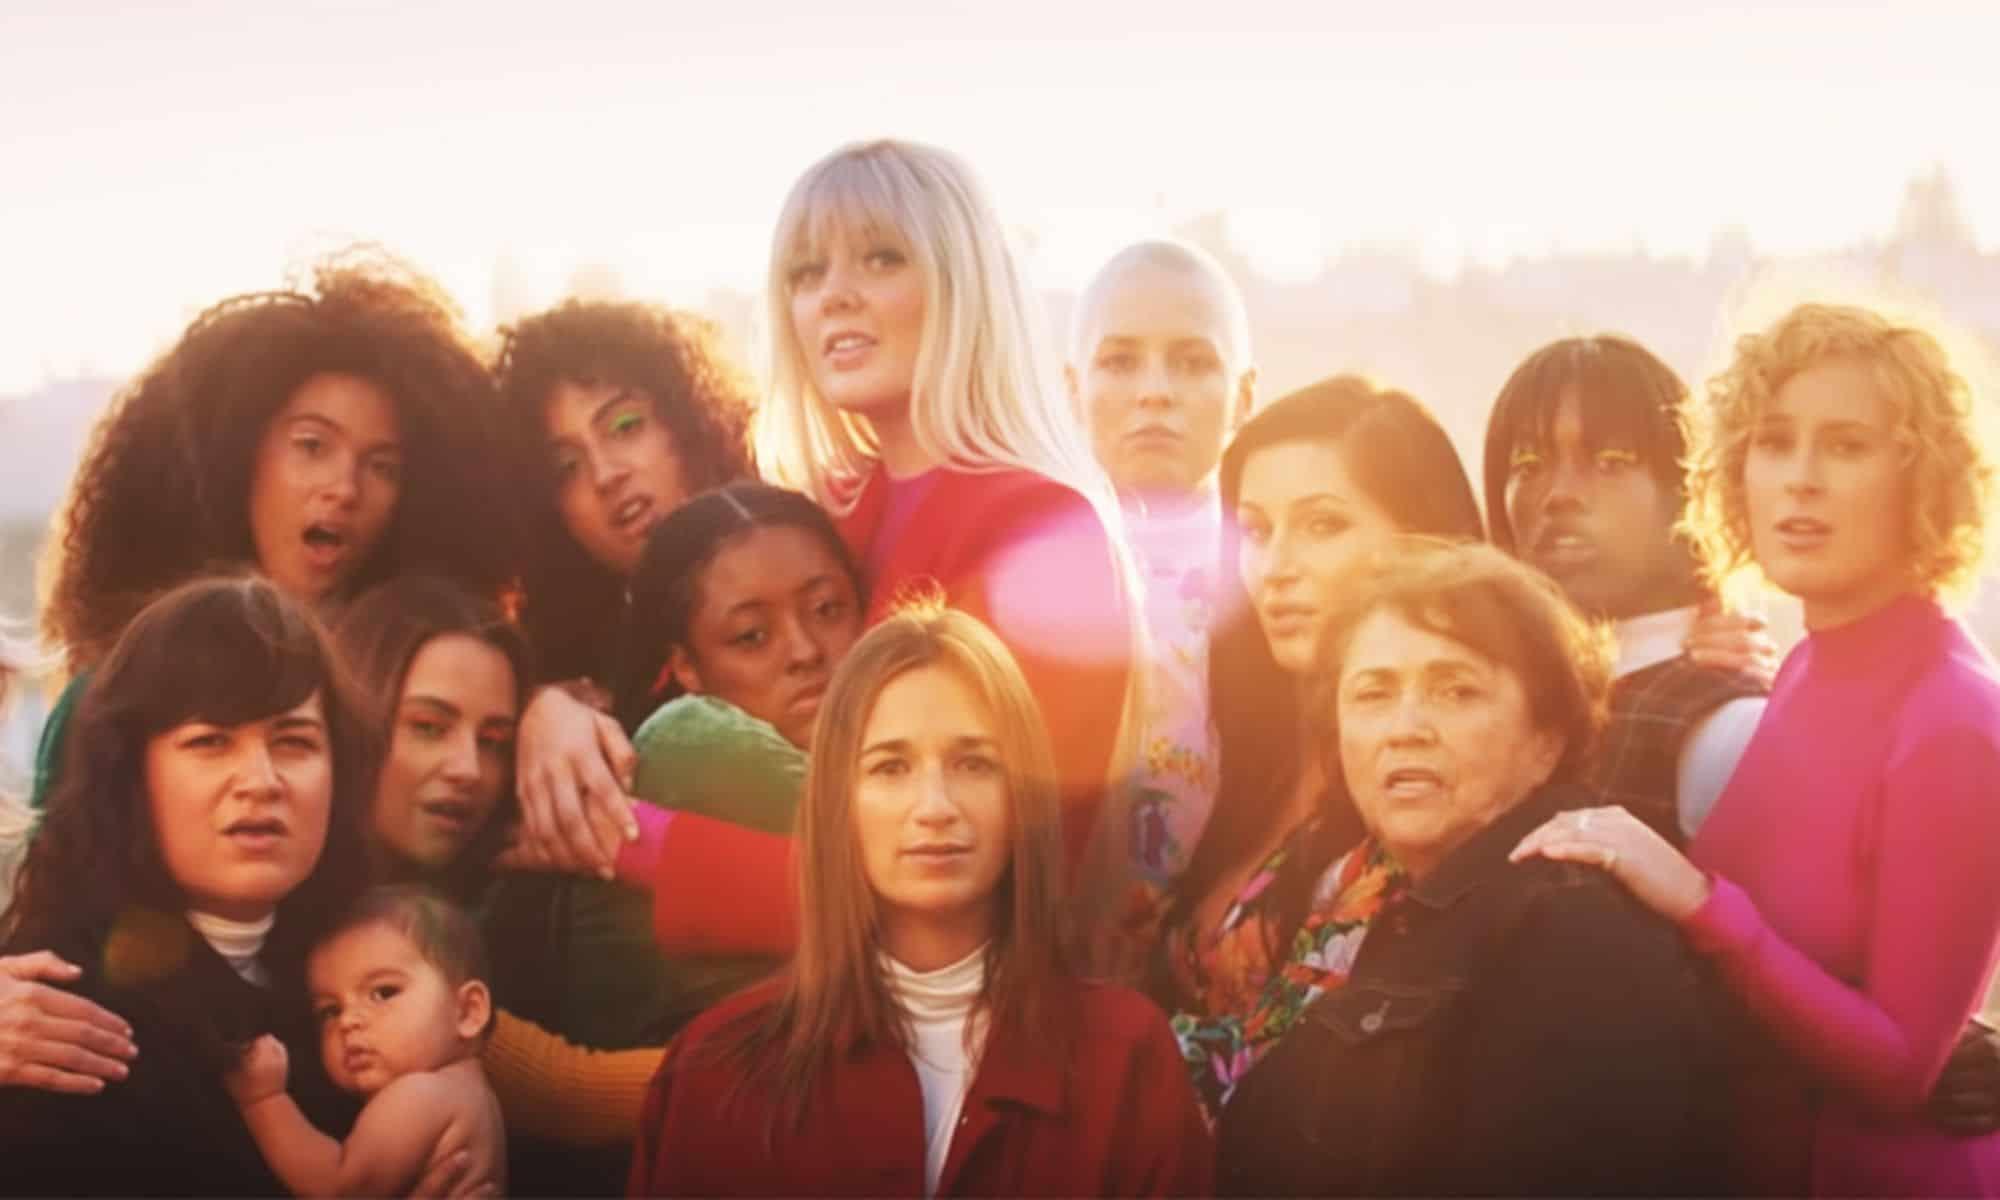 sos cher video - Cher hace un canto a la sororidad en el videoclip de 'S.O.S.'